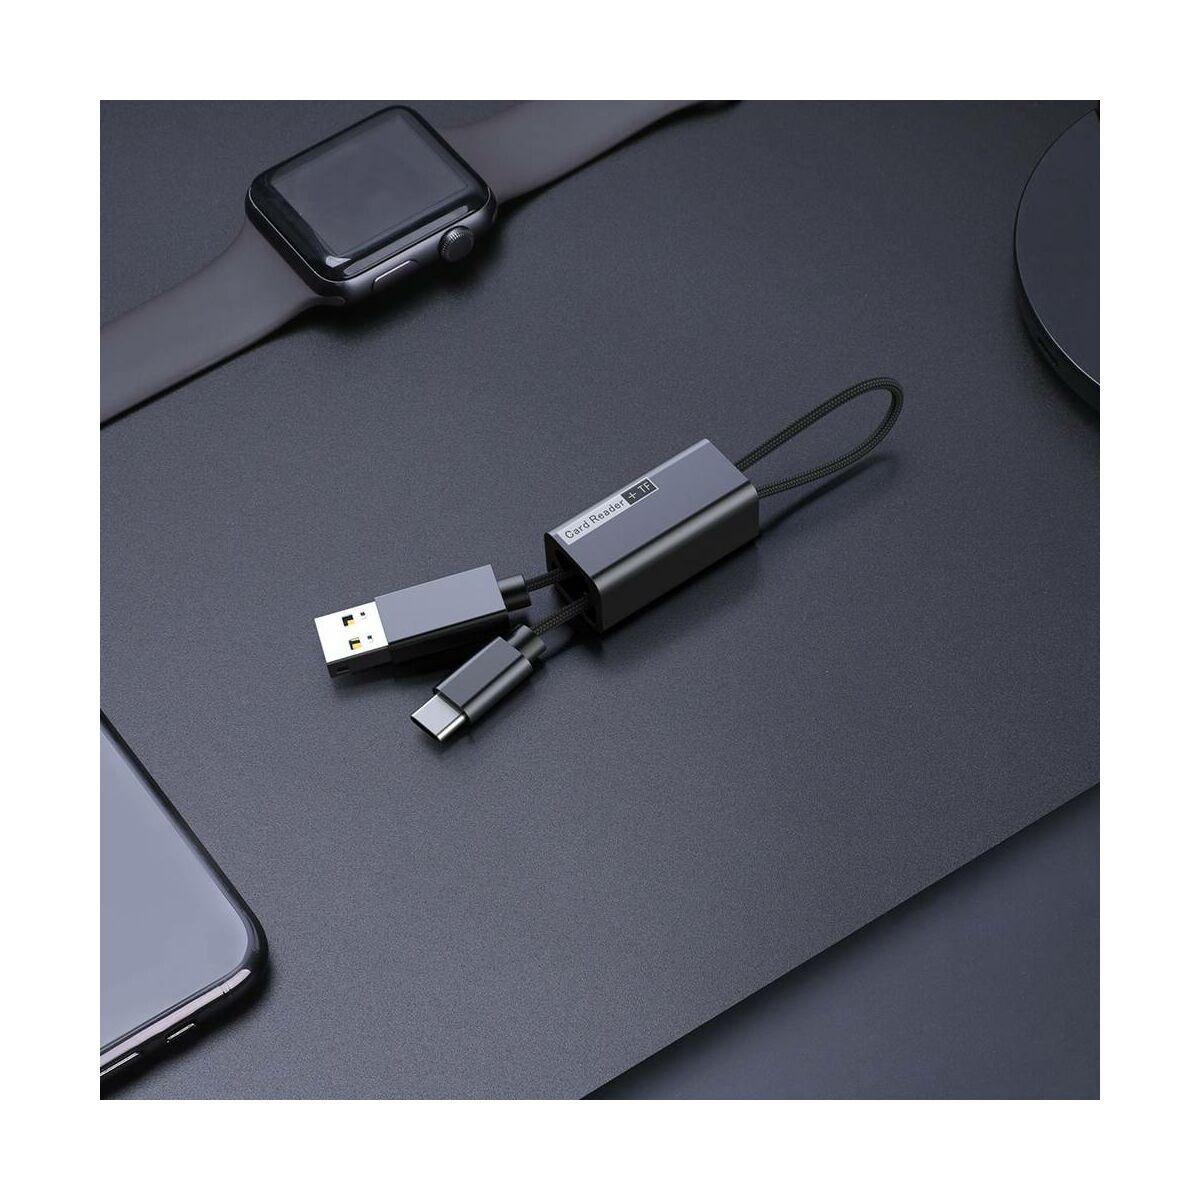 Baseus kártyaolvasó Pendant, fekete (ACDKQ-HG01)